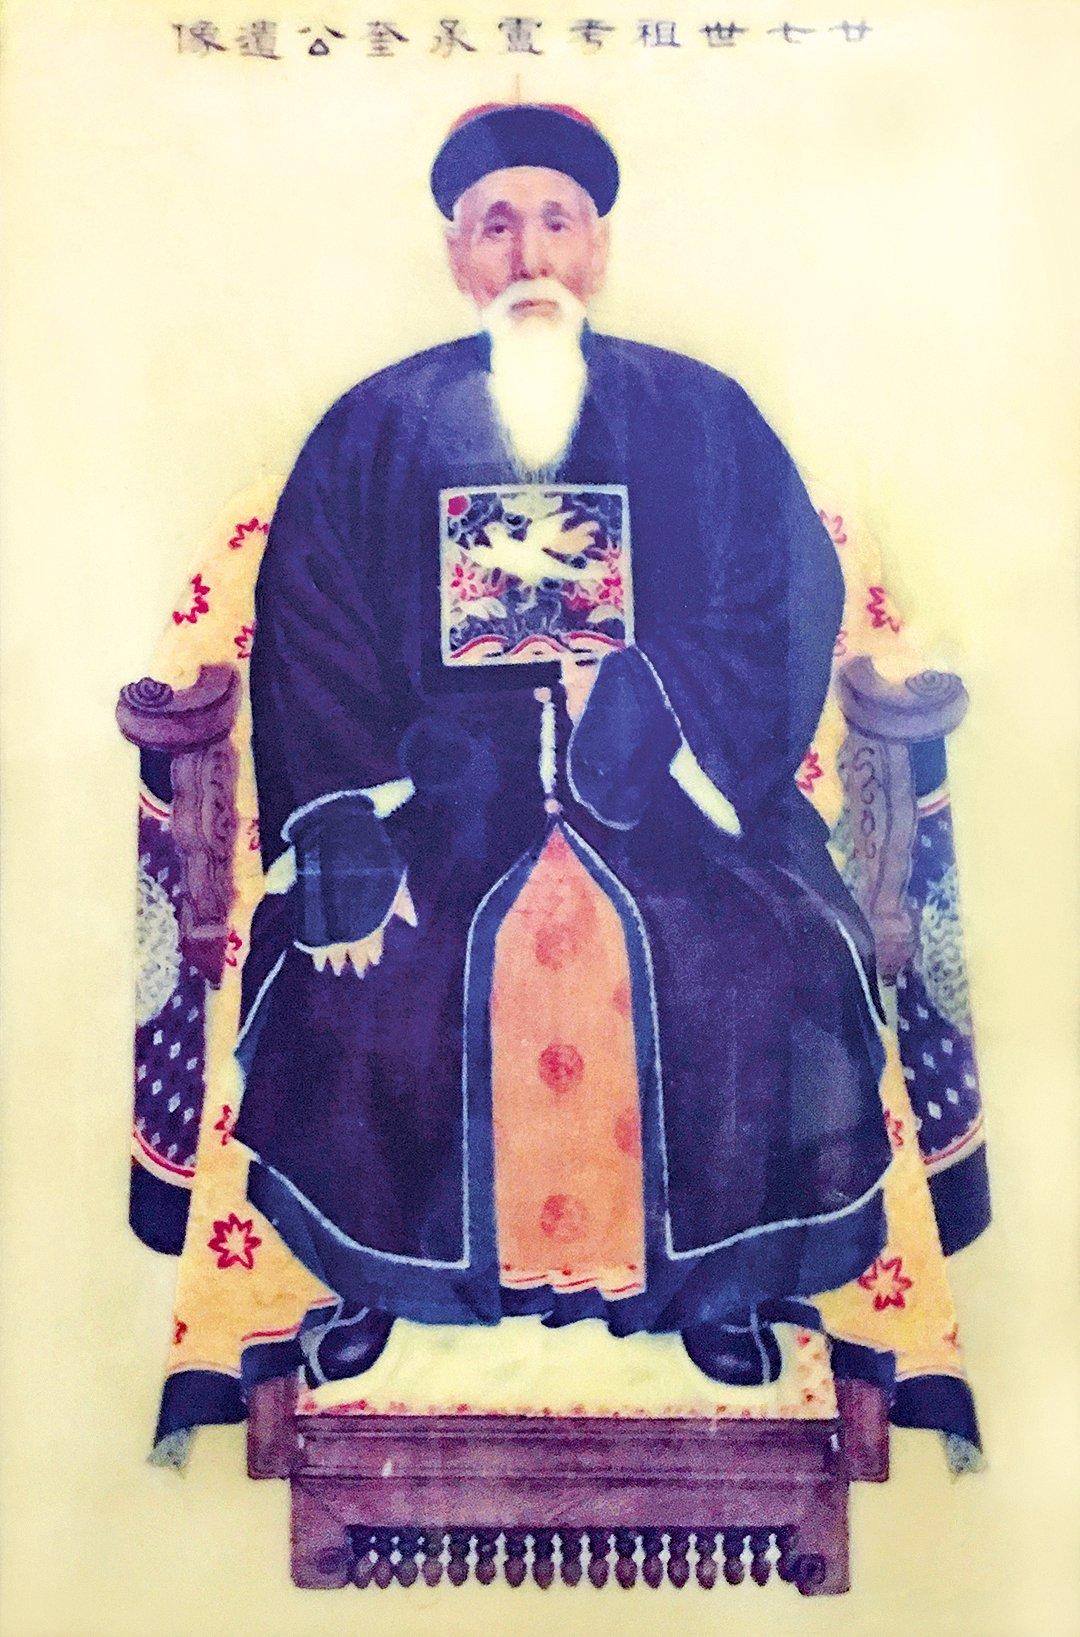 「東豐號」老闆盧明的盧氏家族淵源深厚,太公「毓潤公」由儒而醫,濟世救人。這幅畫像一度恐在文革時期失落,但因太公種下救人的善因,最終失而復得,成為子孫後代的佳話。